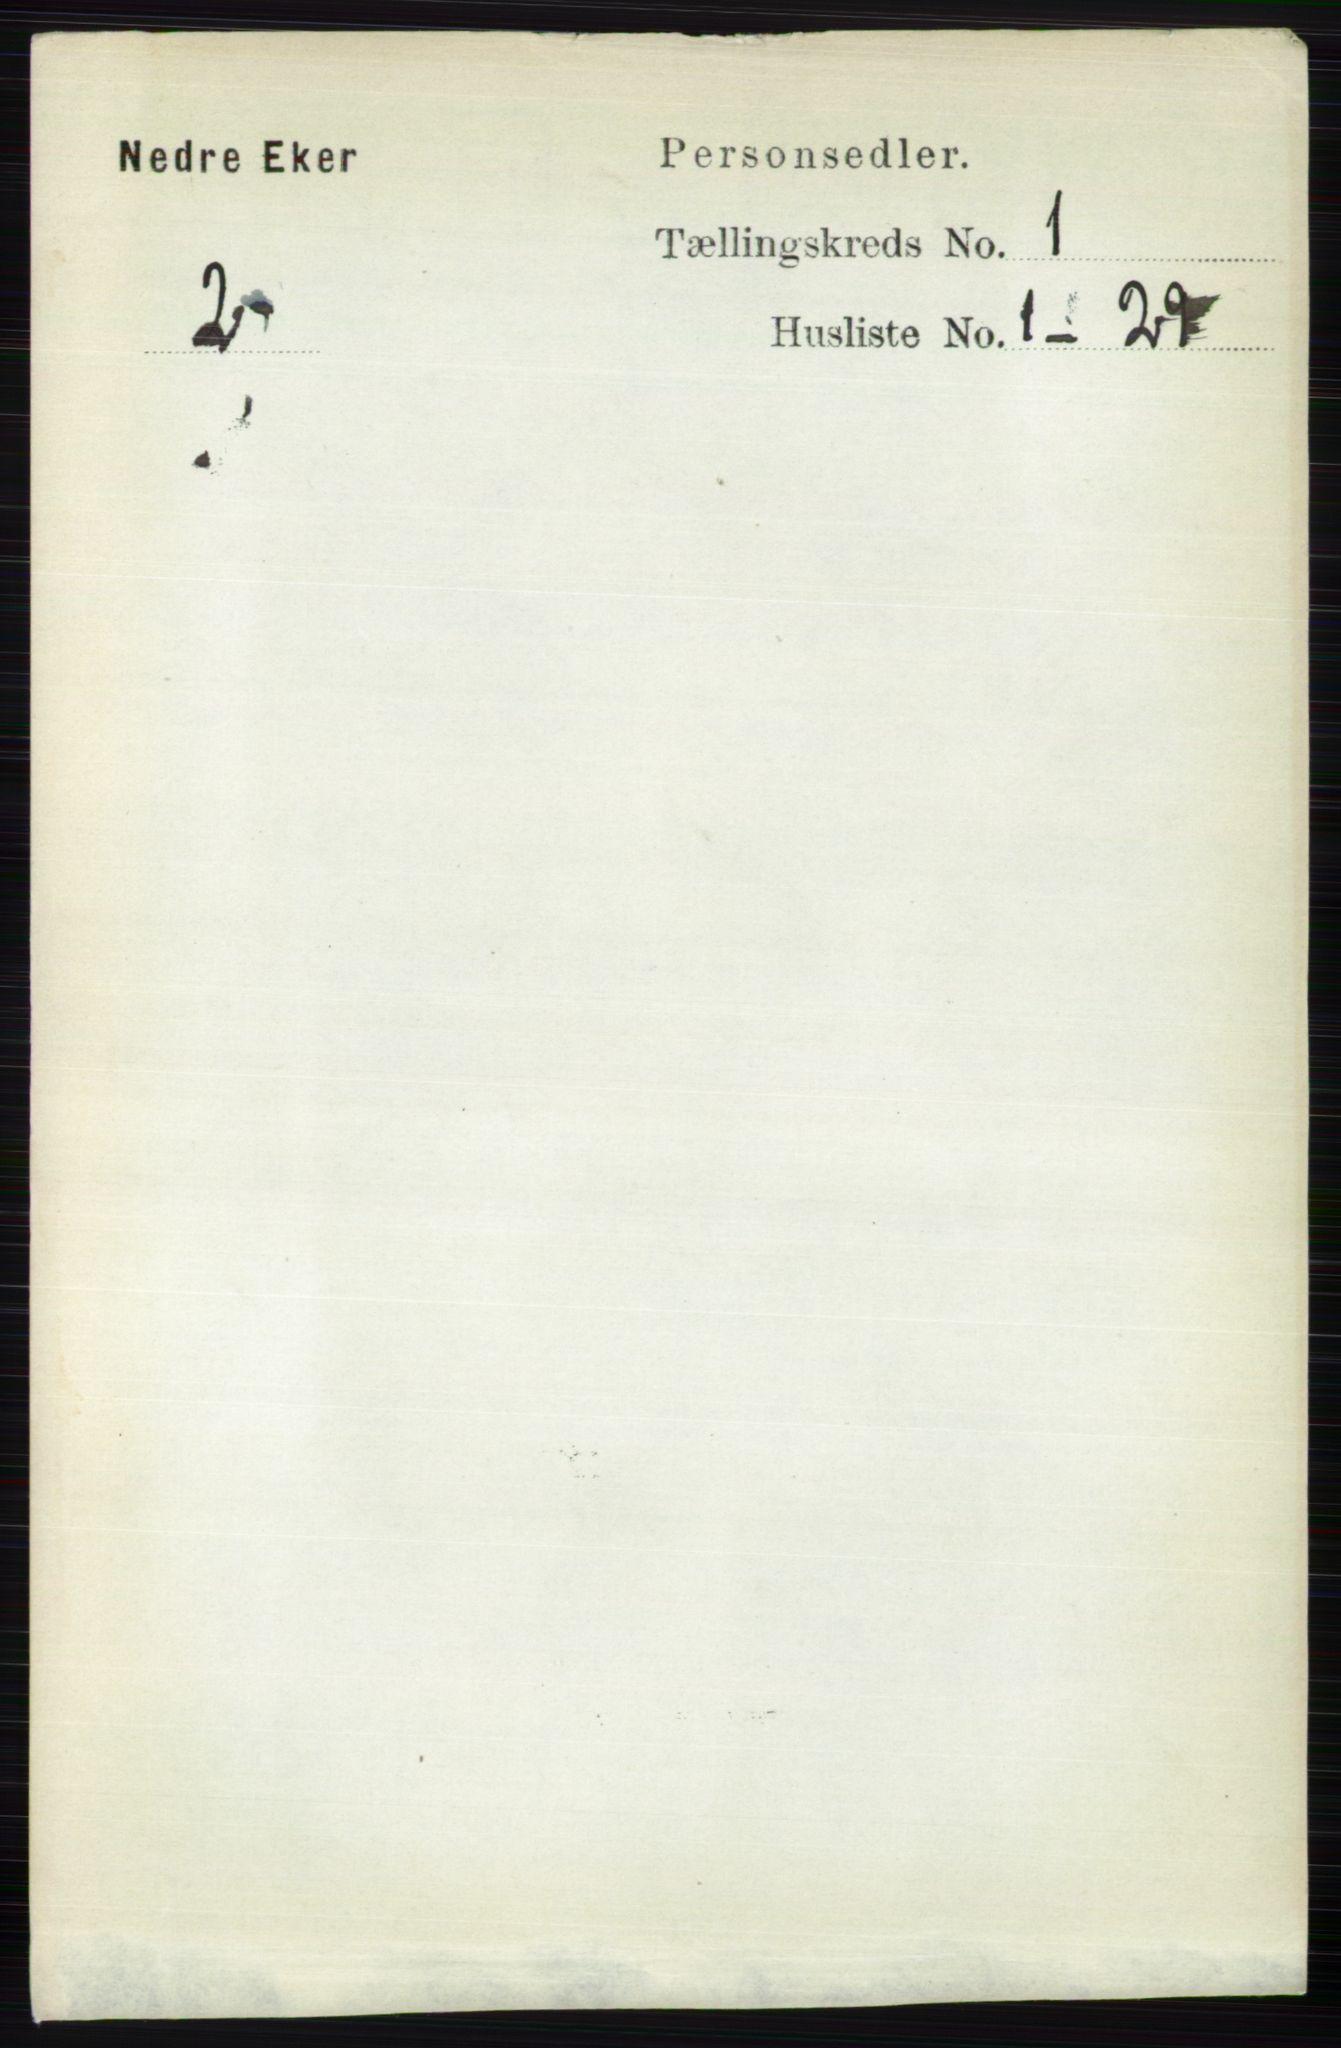 RA, Folketelling 1891 for 0625 Nedre Eiker herred, 1891, s. 89